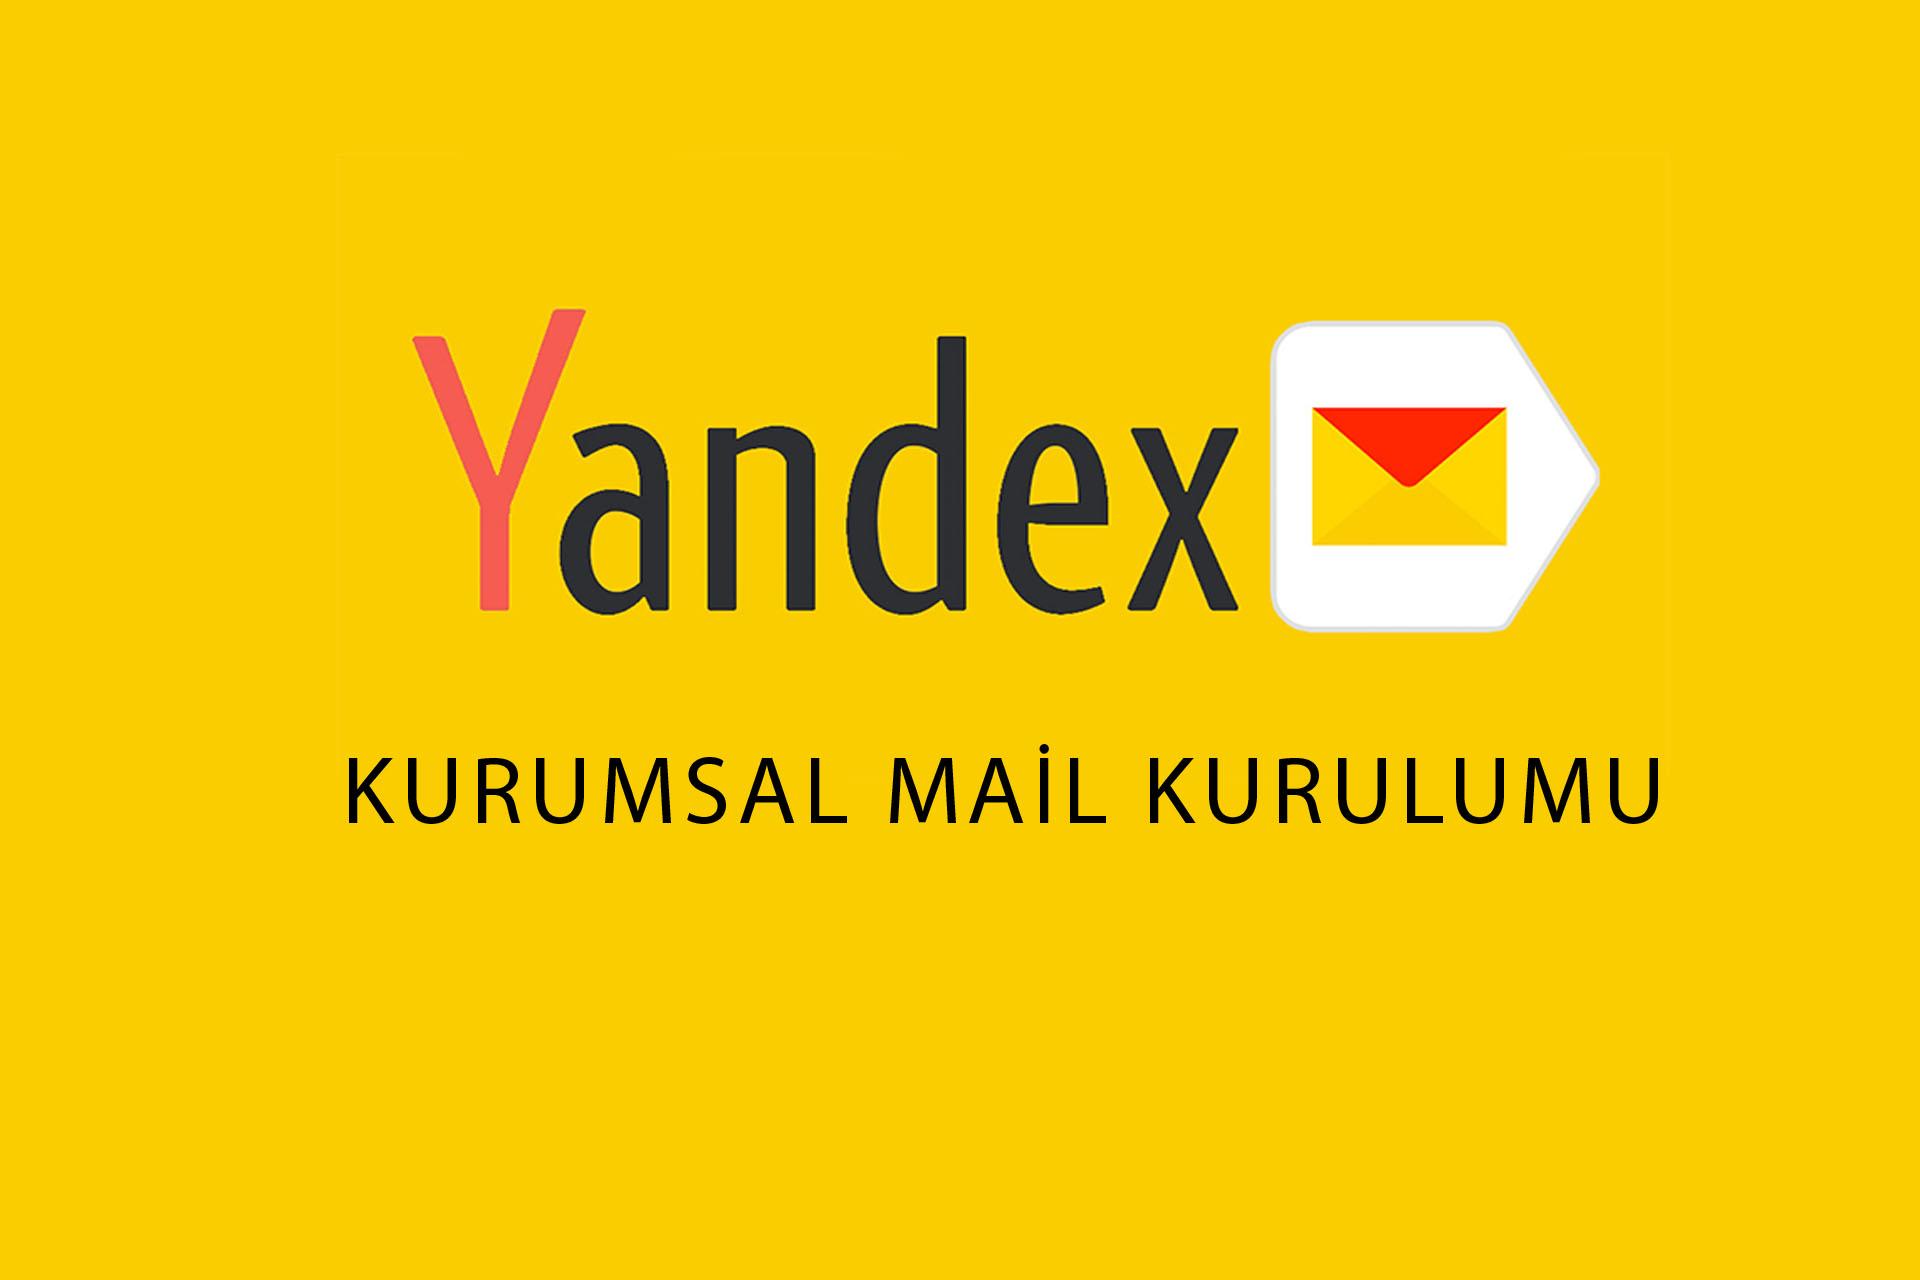 Yandex.Kurumlar İçin Mail Kullanımı